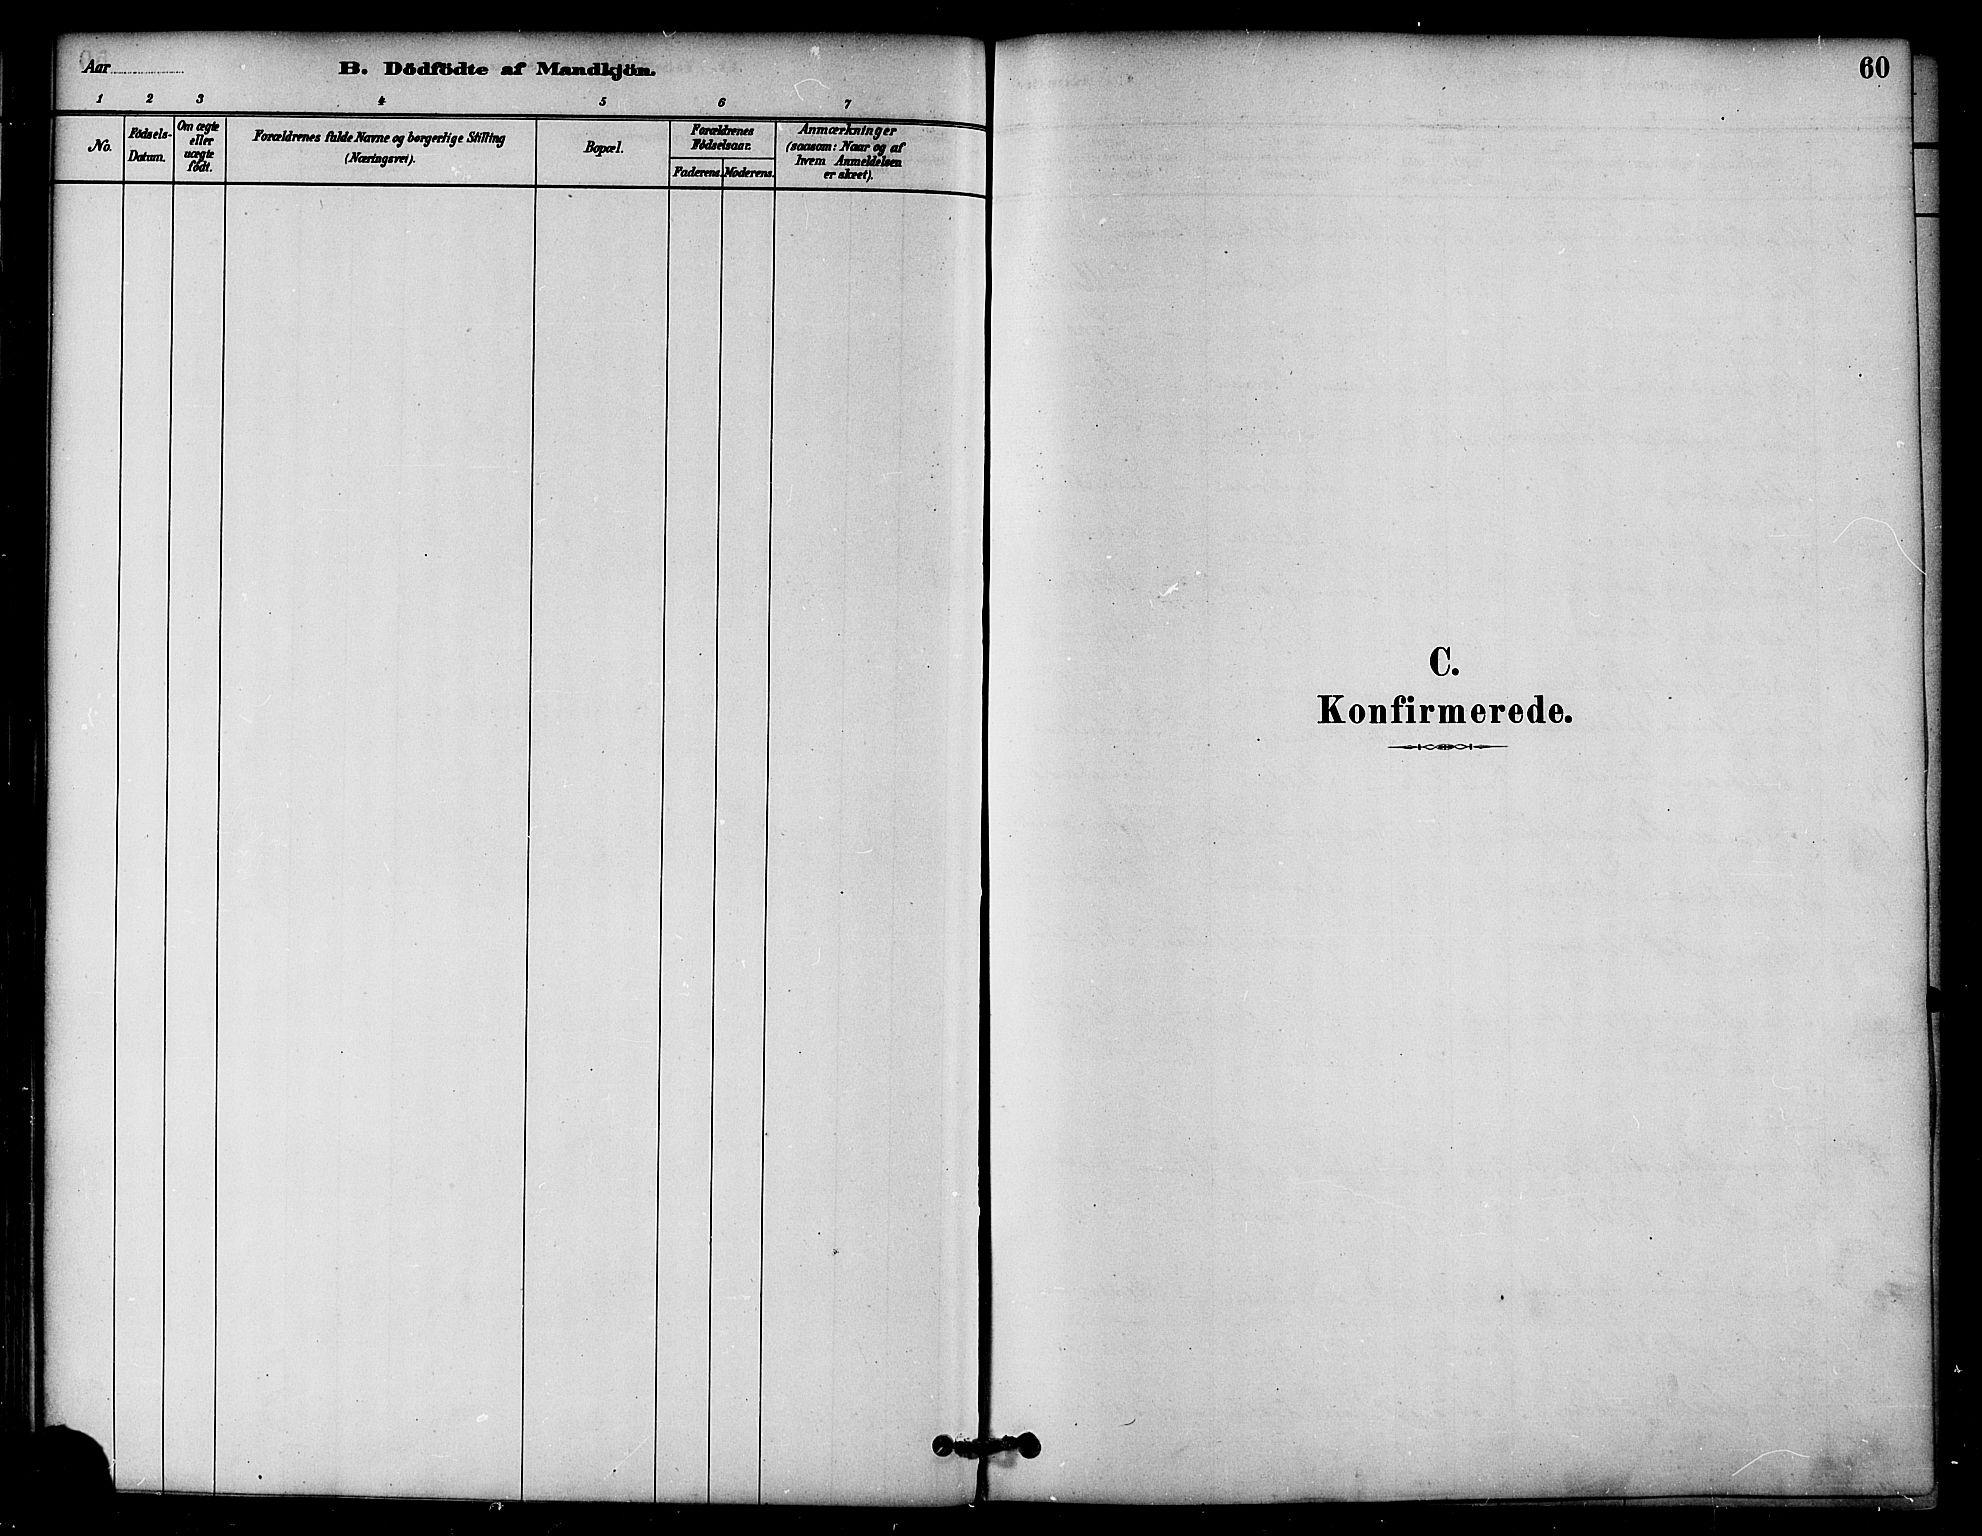 SAT, Ministerialprotokoller, klokkerbøker og fødselsregistre - Nord-Trøndelag, 764/L0555: Ministerialbok nr. 764A10, 1881-1896, s. 60